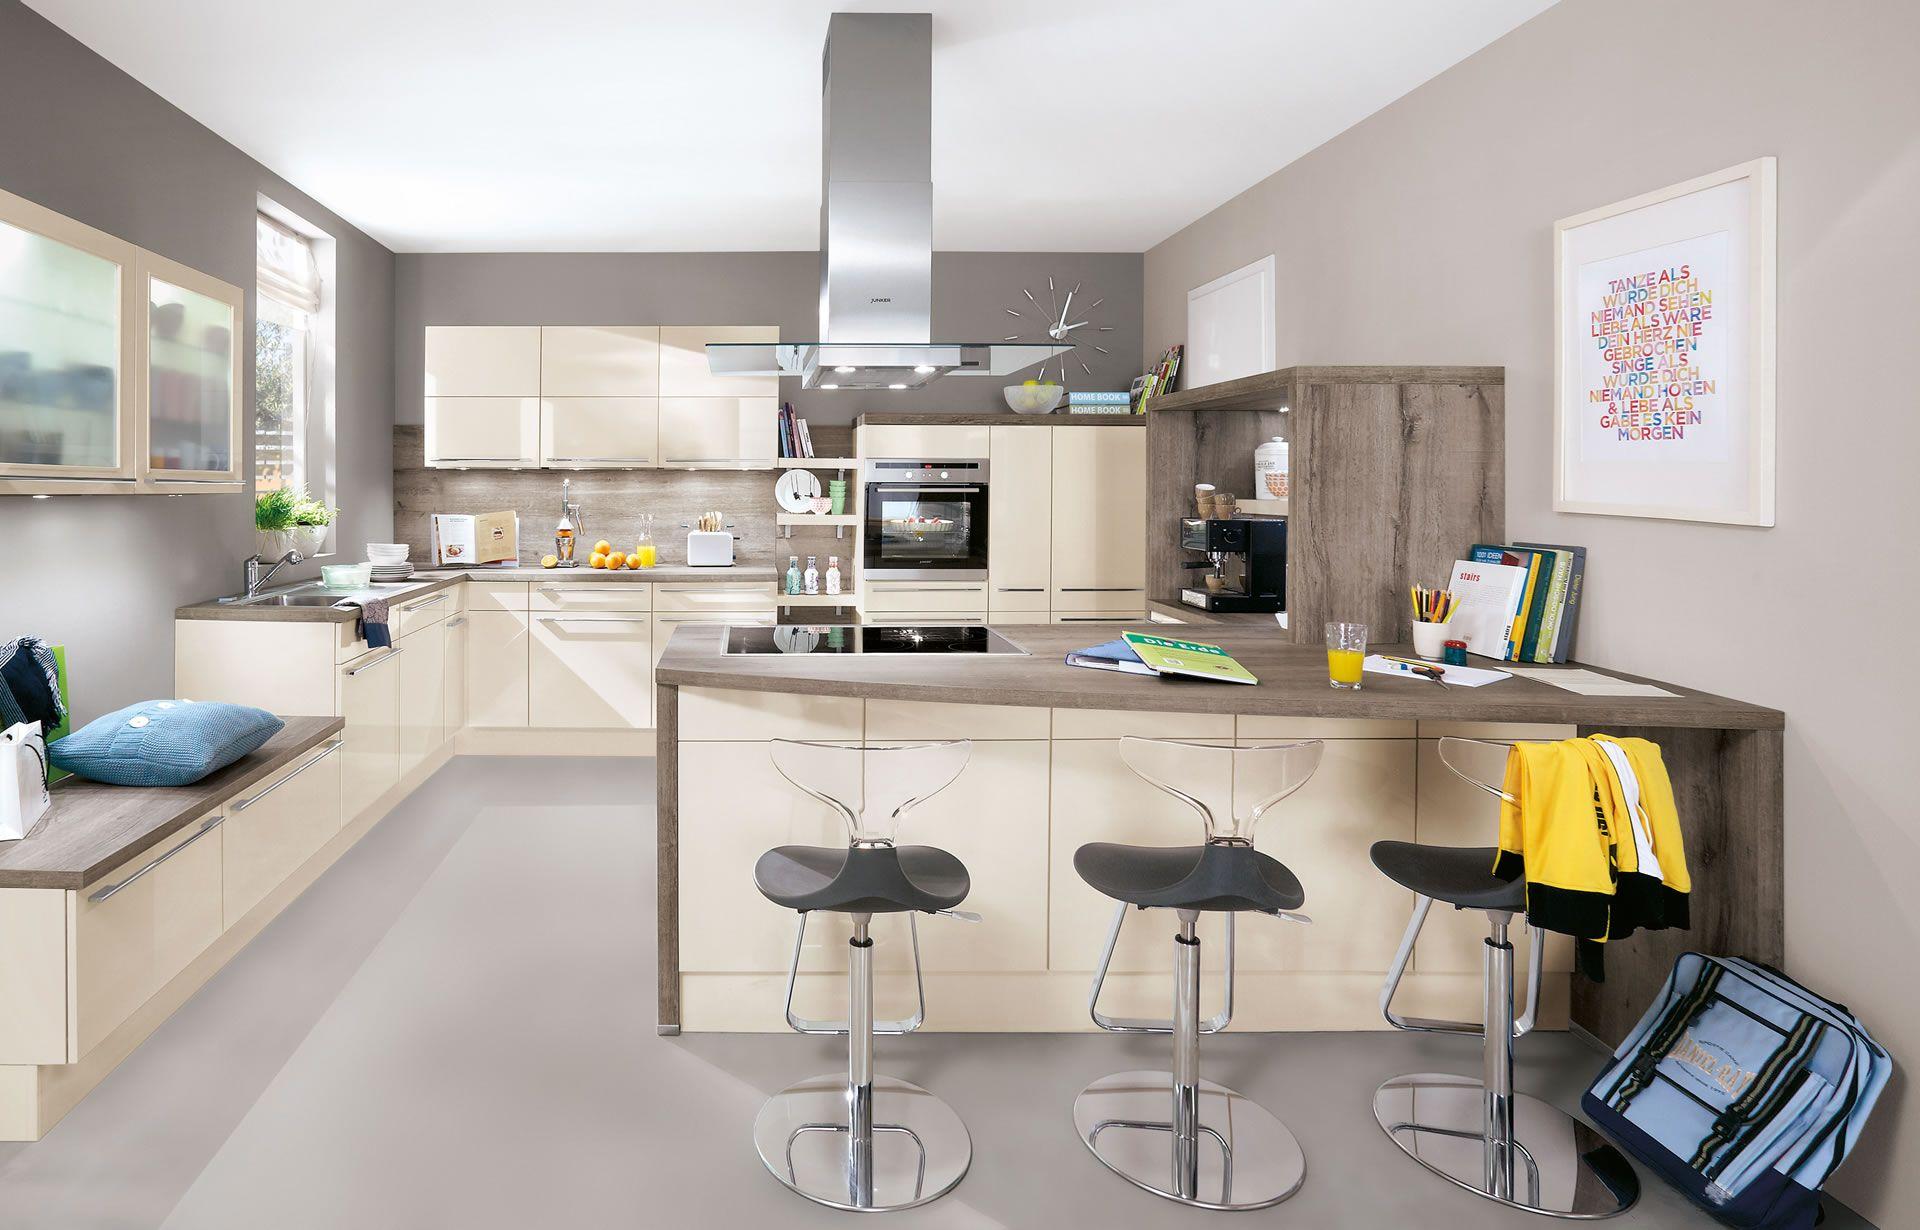 Kuchnia Dla Wielu Jest Najwazniejszym Pomieszczeniem W Kazdym Domu Gdzie Kuchnia Pelni Tak Wazna R Meuble De Cuisine Ikea Meuble Cuisine Blanc Meuble Cuisine